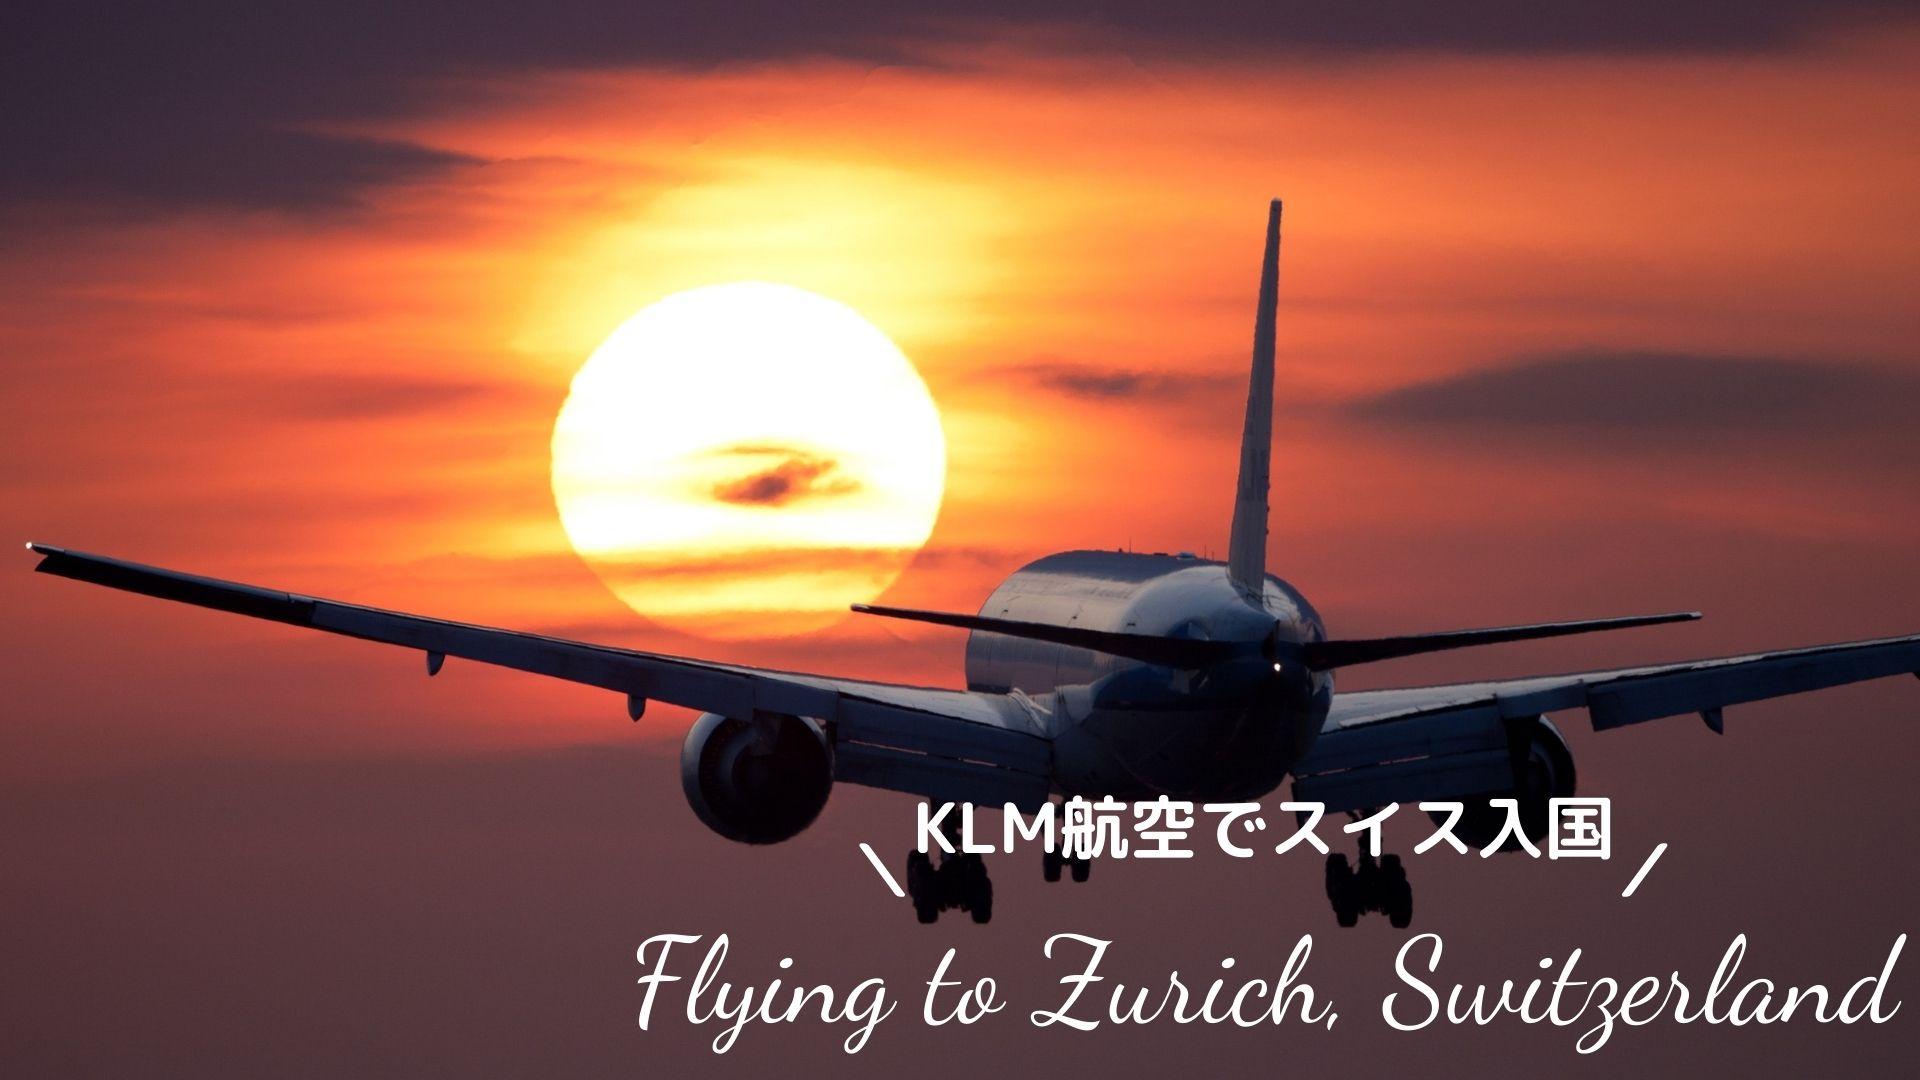 【スイス入国】日本からアムステルダム経由でチューリッヒへ!KLM航空で行く | ~ Que Sera Sera ~